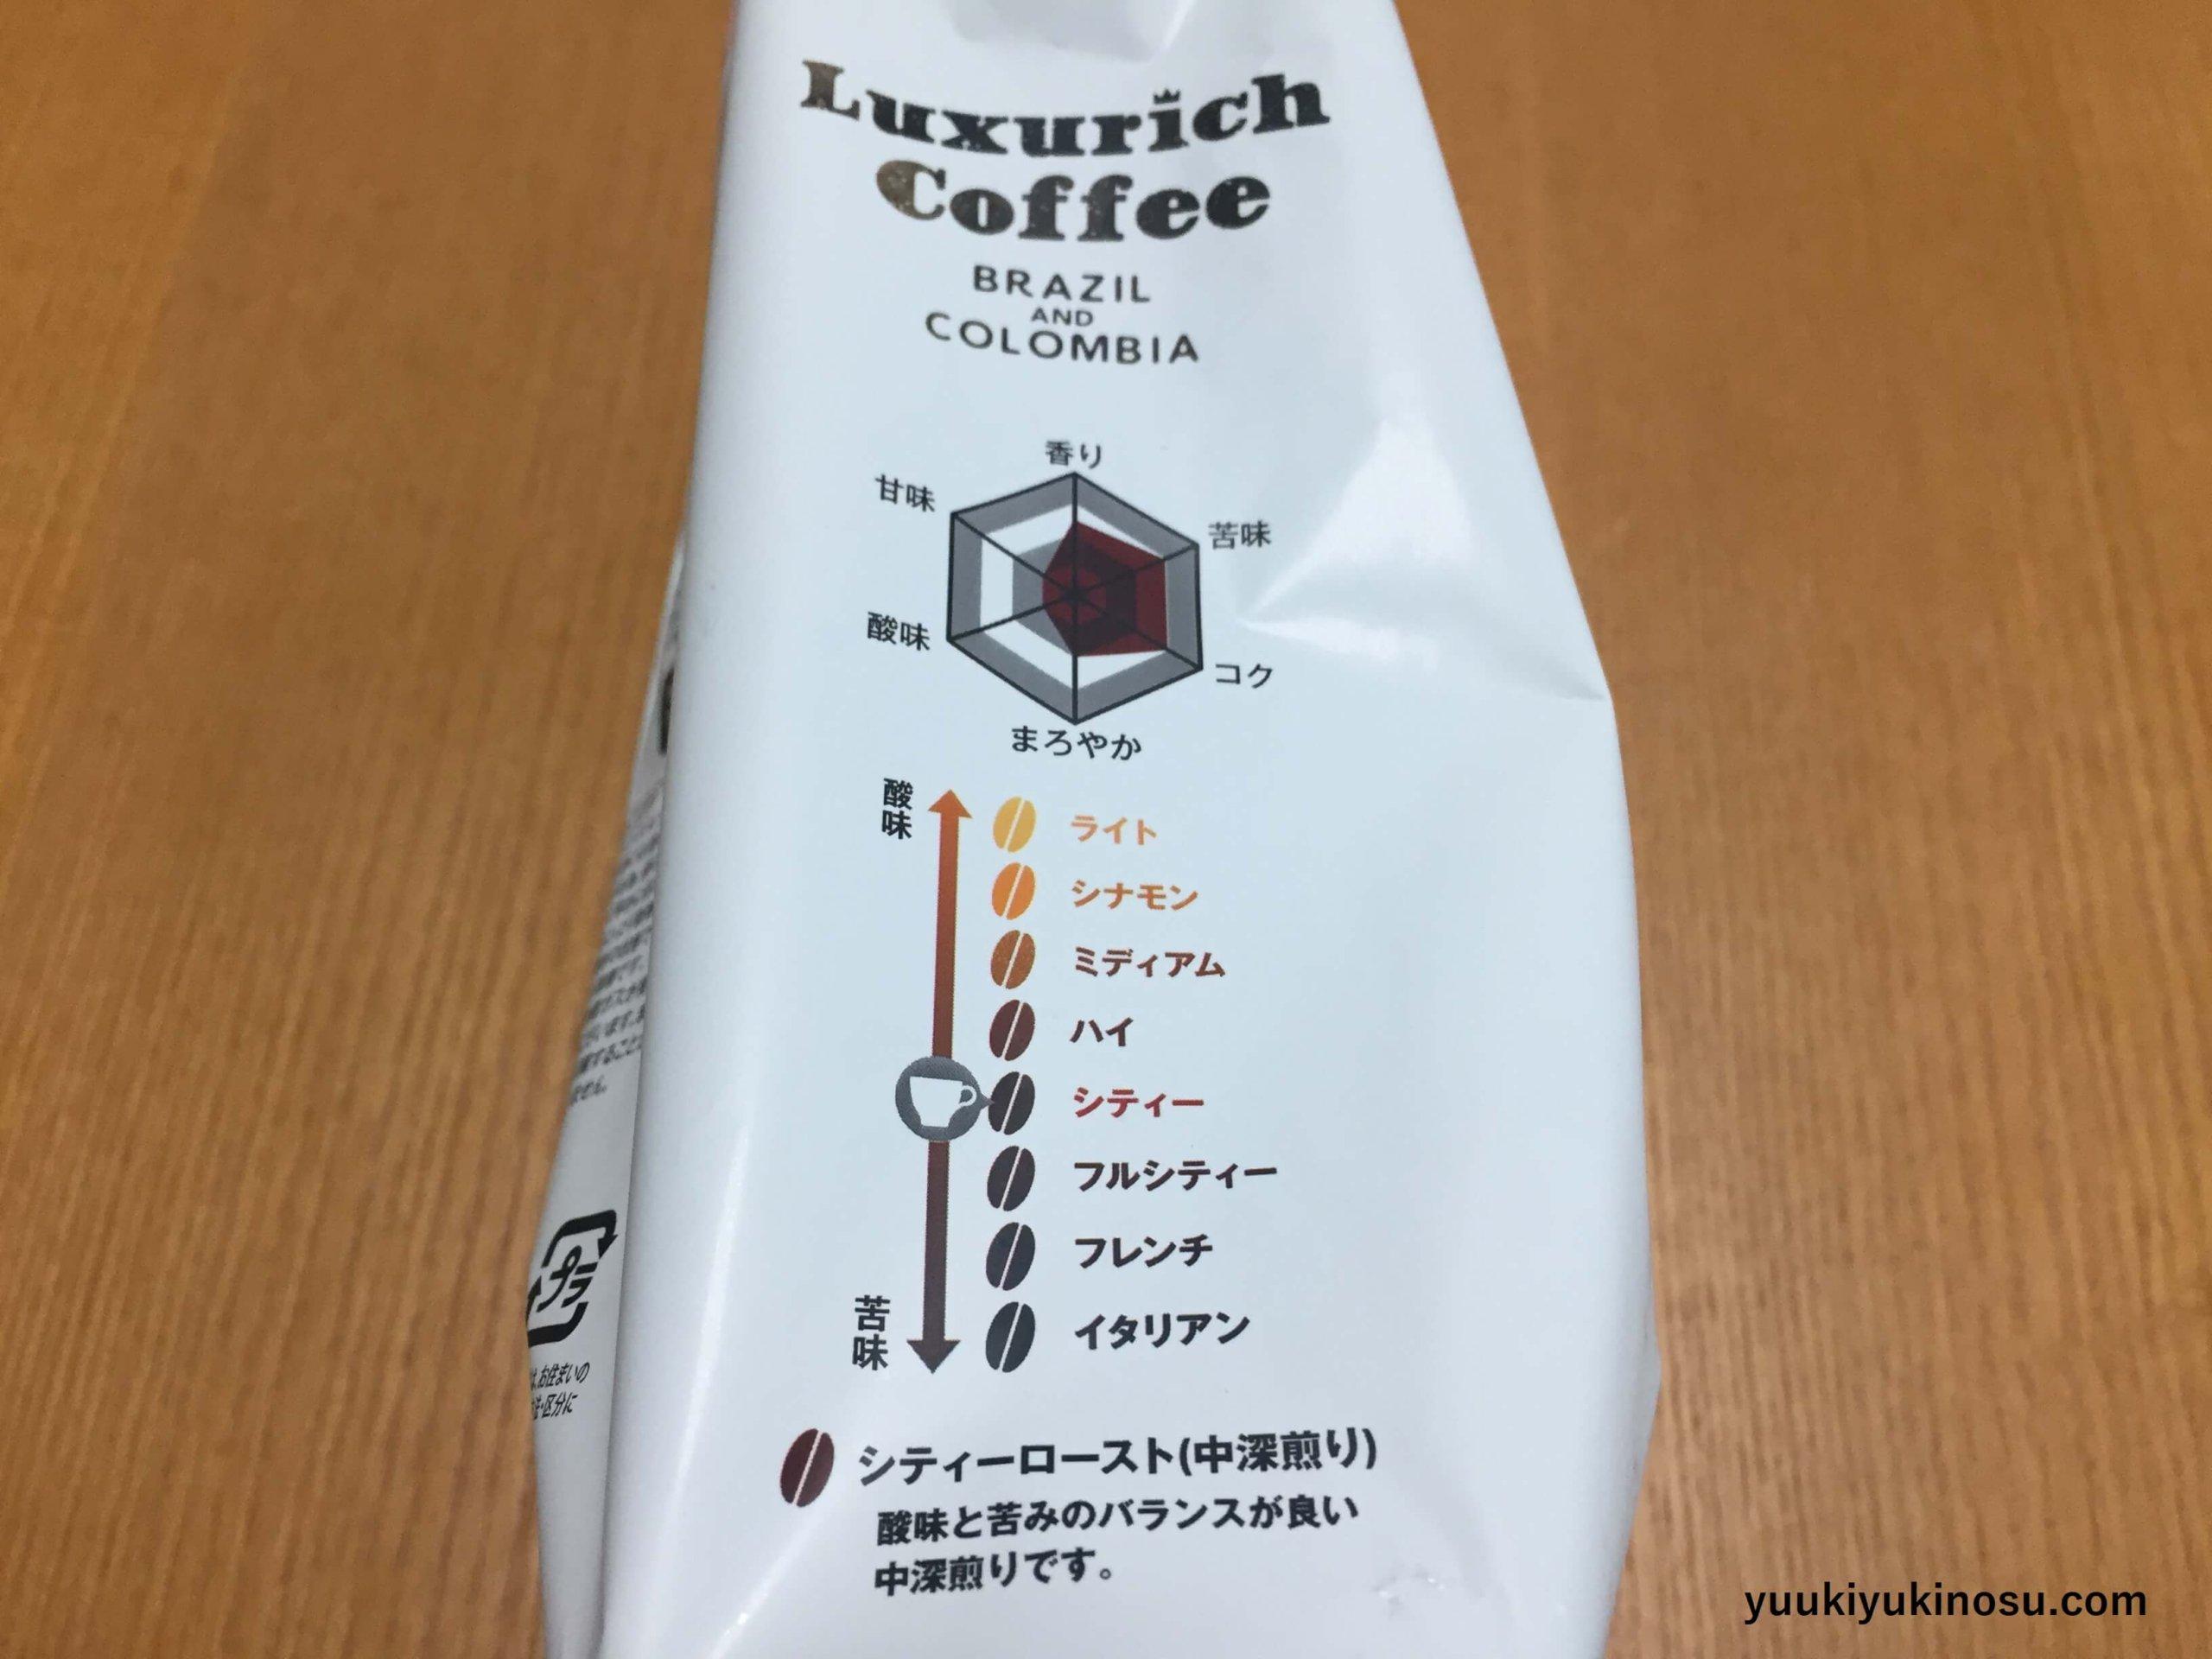 業務スーパー コーヒー 豆 粉 ラグジュアリッチコーヒー まずい 美味しい飲み方 アイスコーヒー 水出し